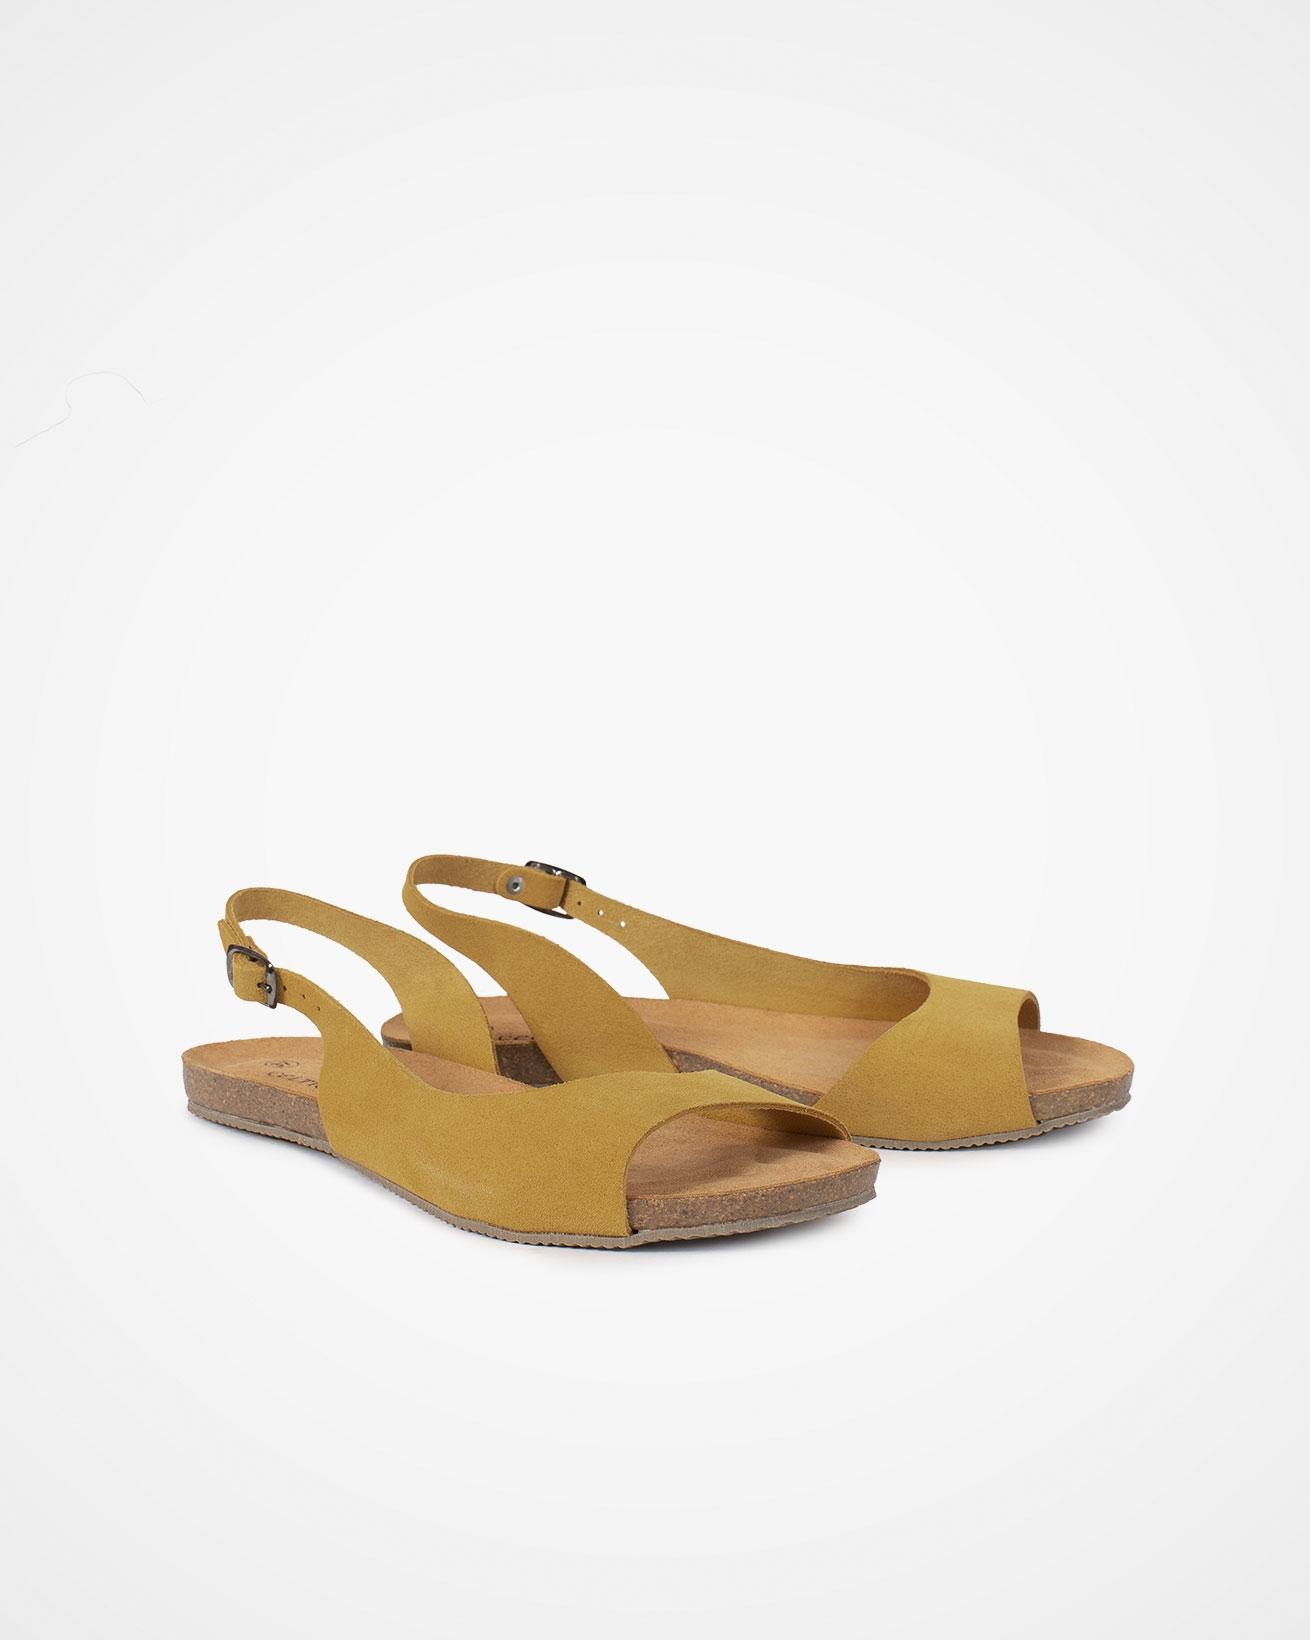 7697_sling-back-flat_sandal_gorse_pair.jpg